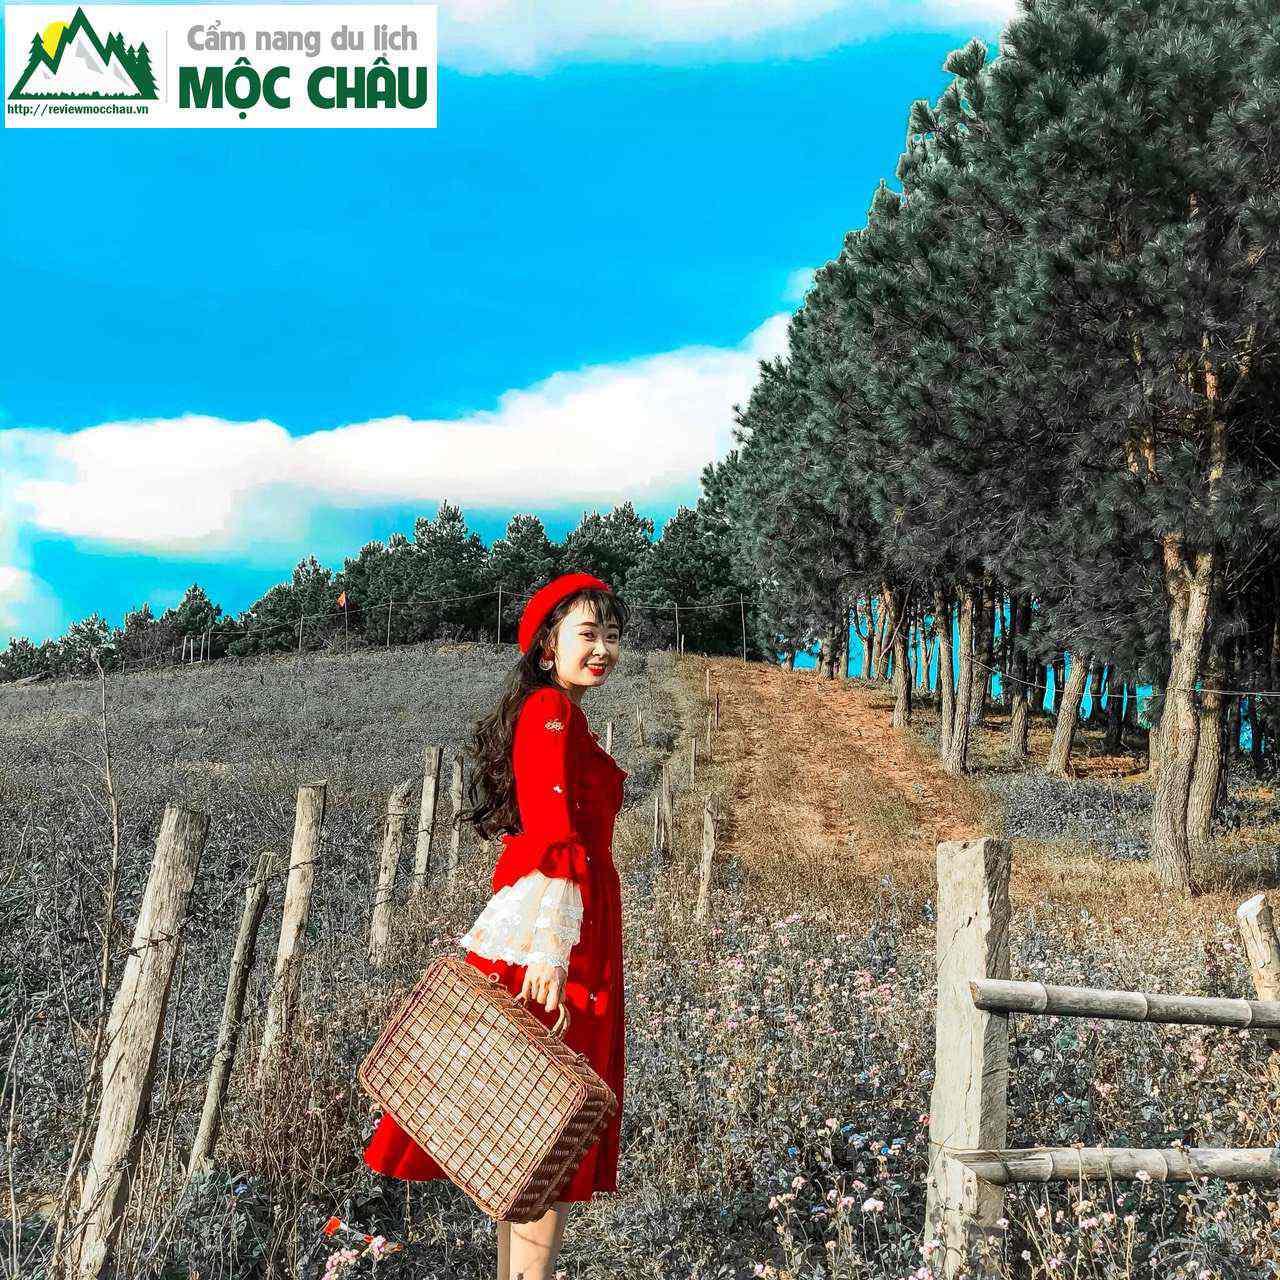 thoi trang vintage moc chau 98 - Tiệm cho thuê trang phục, phụ kiện boho, vintage đẹp Mộc Châu | Tiệm Nguyễn